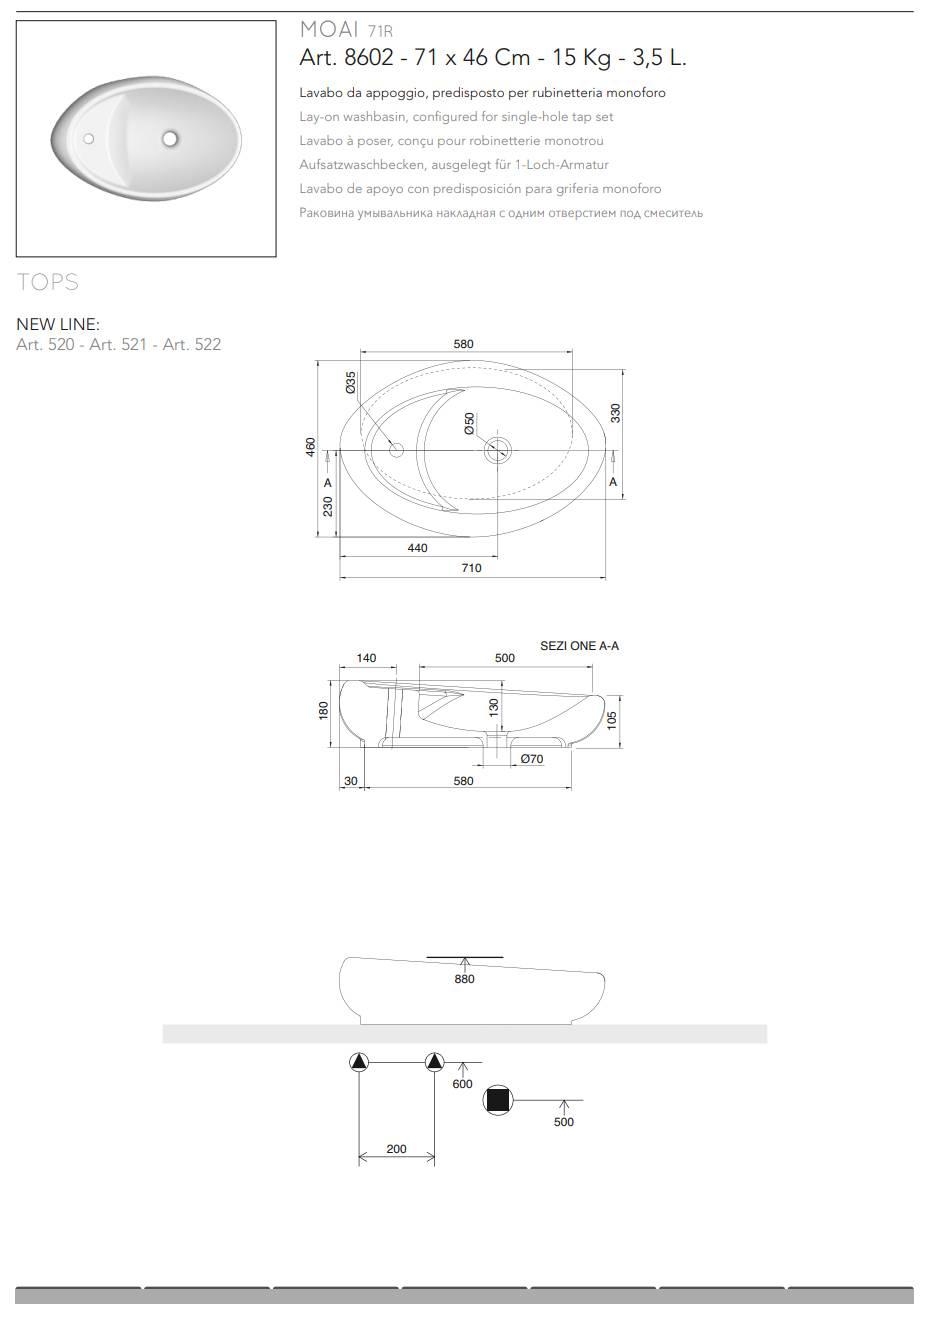 Feuille-technique-lavabo-a poser-Moai-R